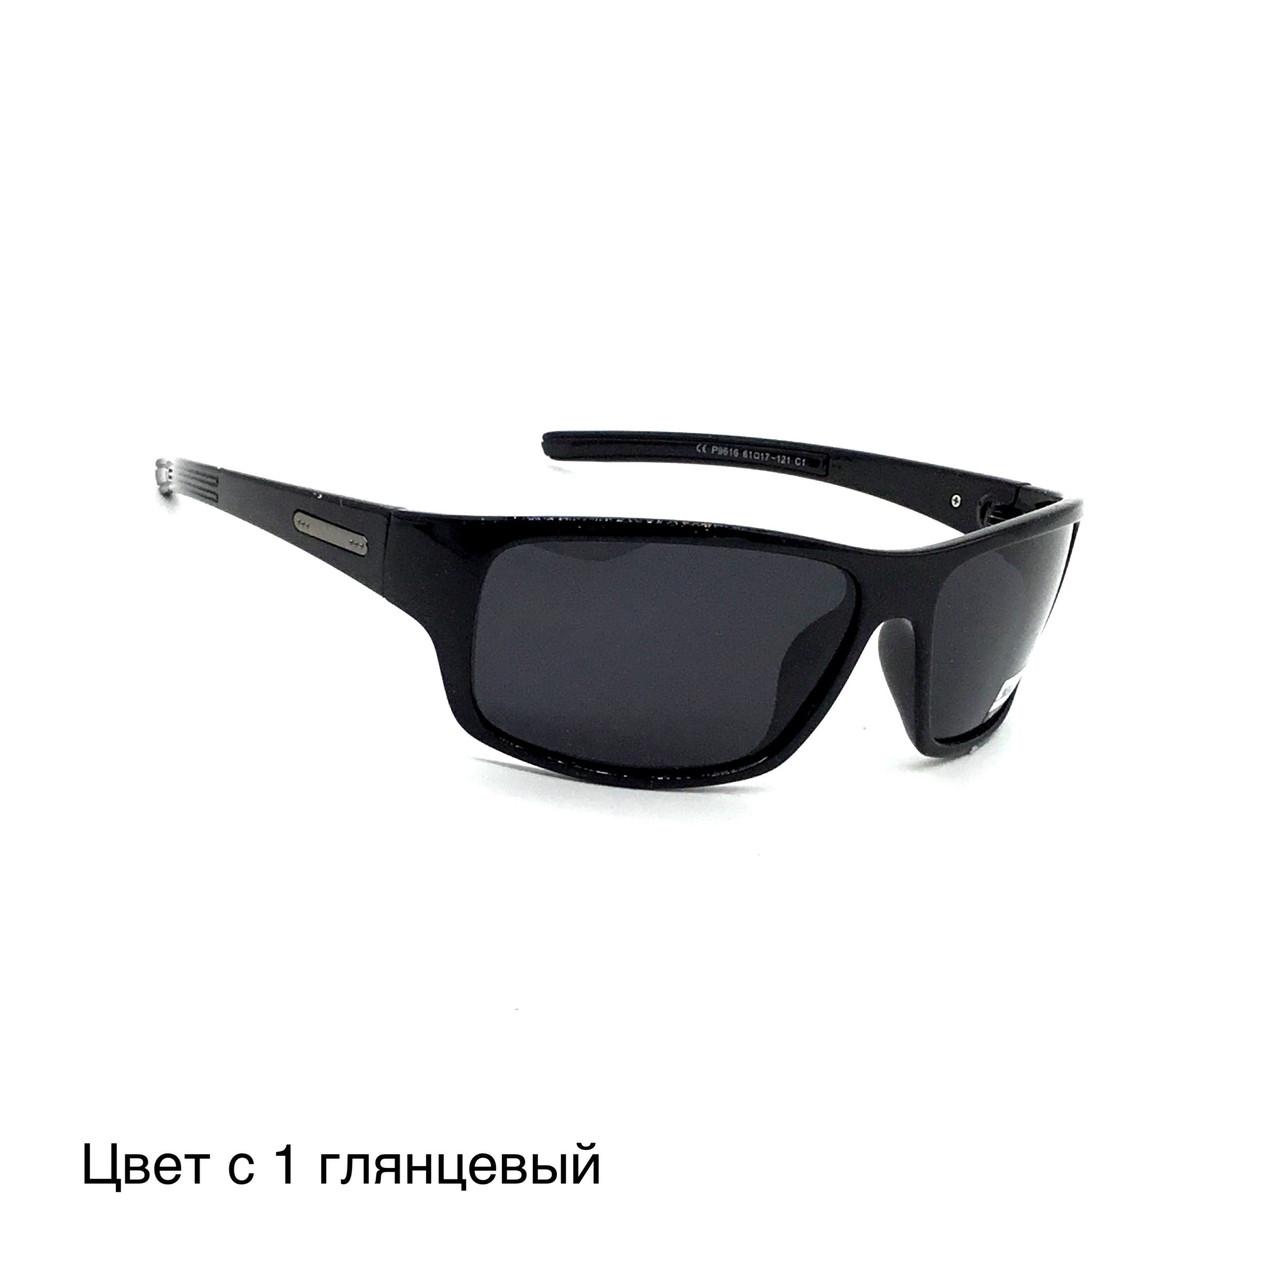 Мужские солнцезащитные очки с полароидной линзой 9616 С1